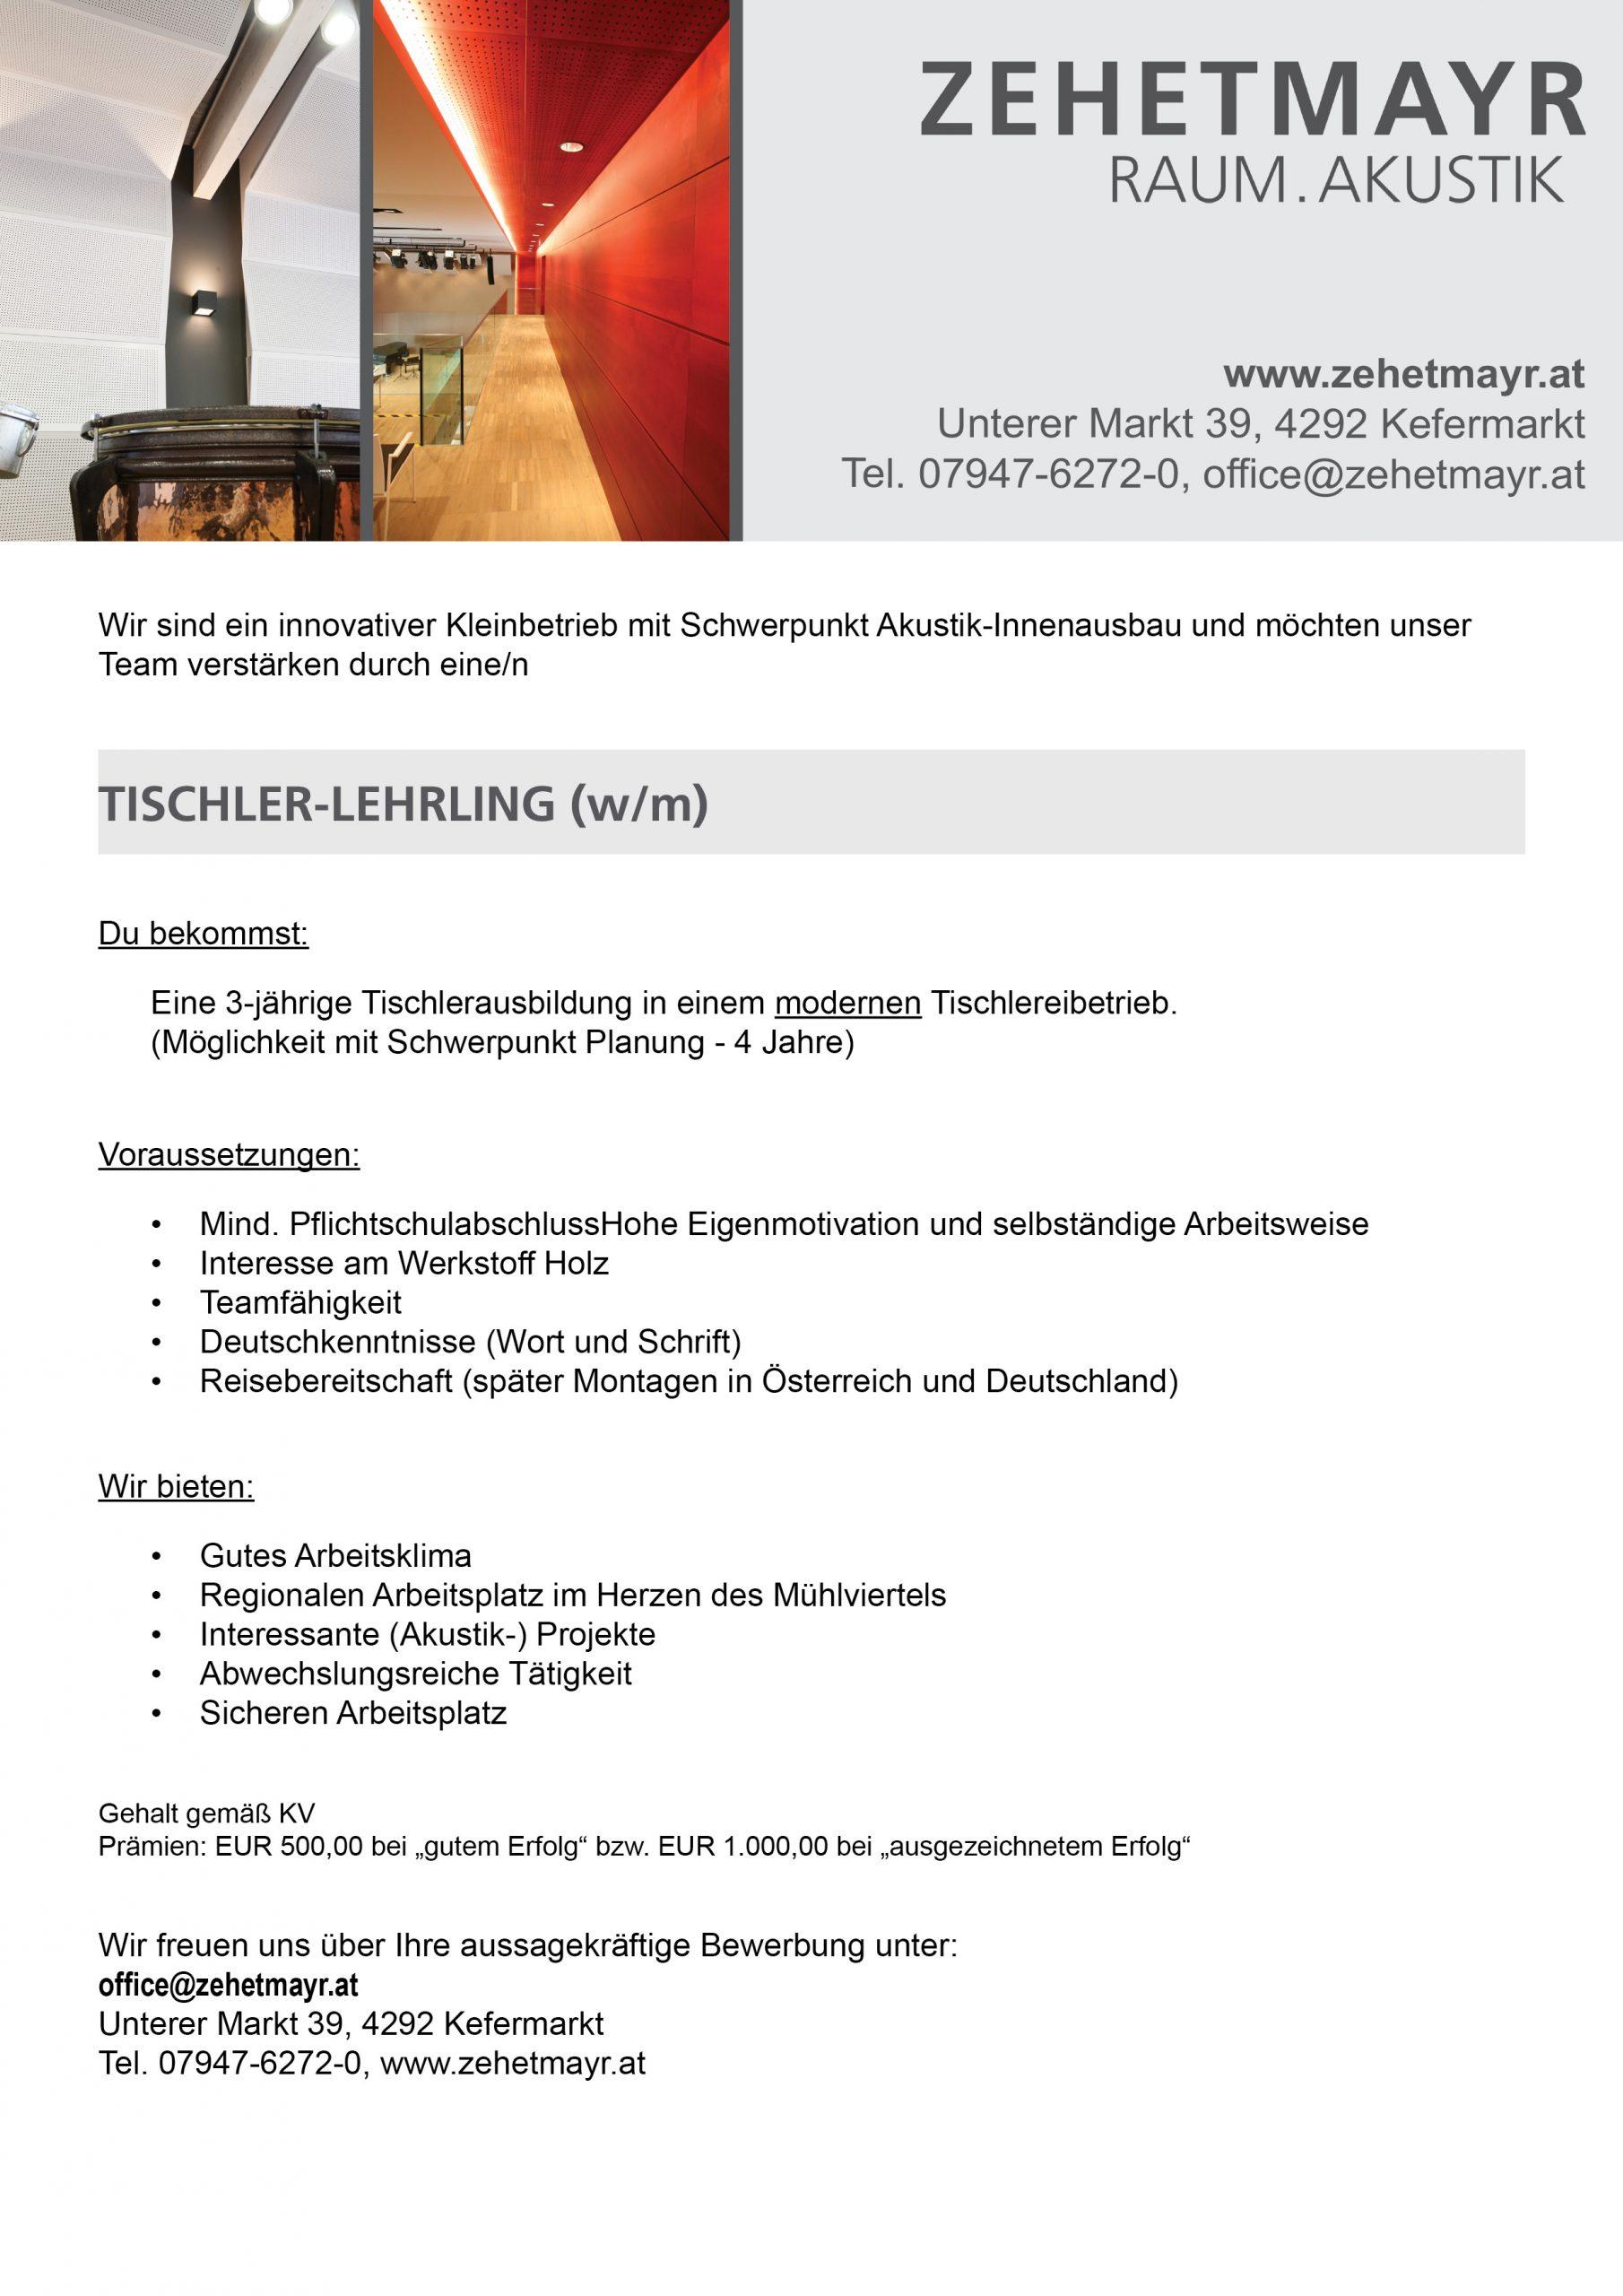 Stellenaussschreibung_Tischler-Lehrling_202008-scaled